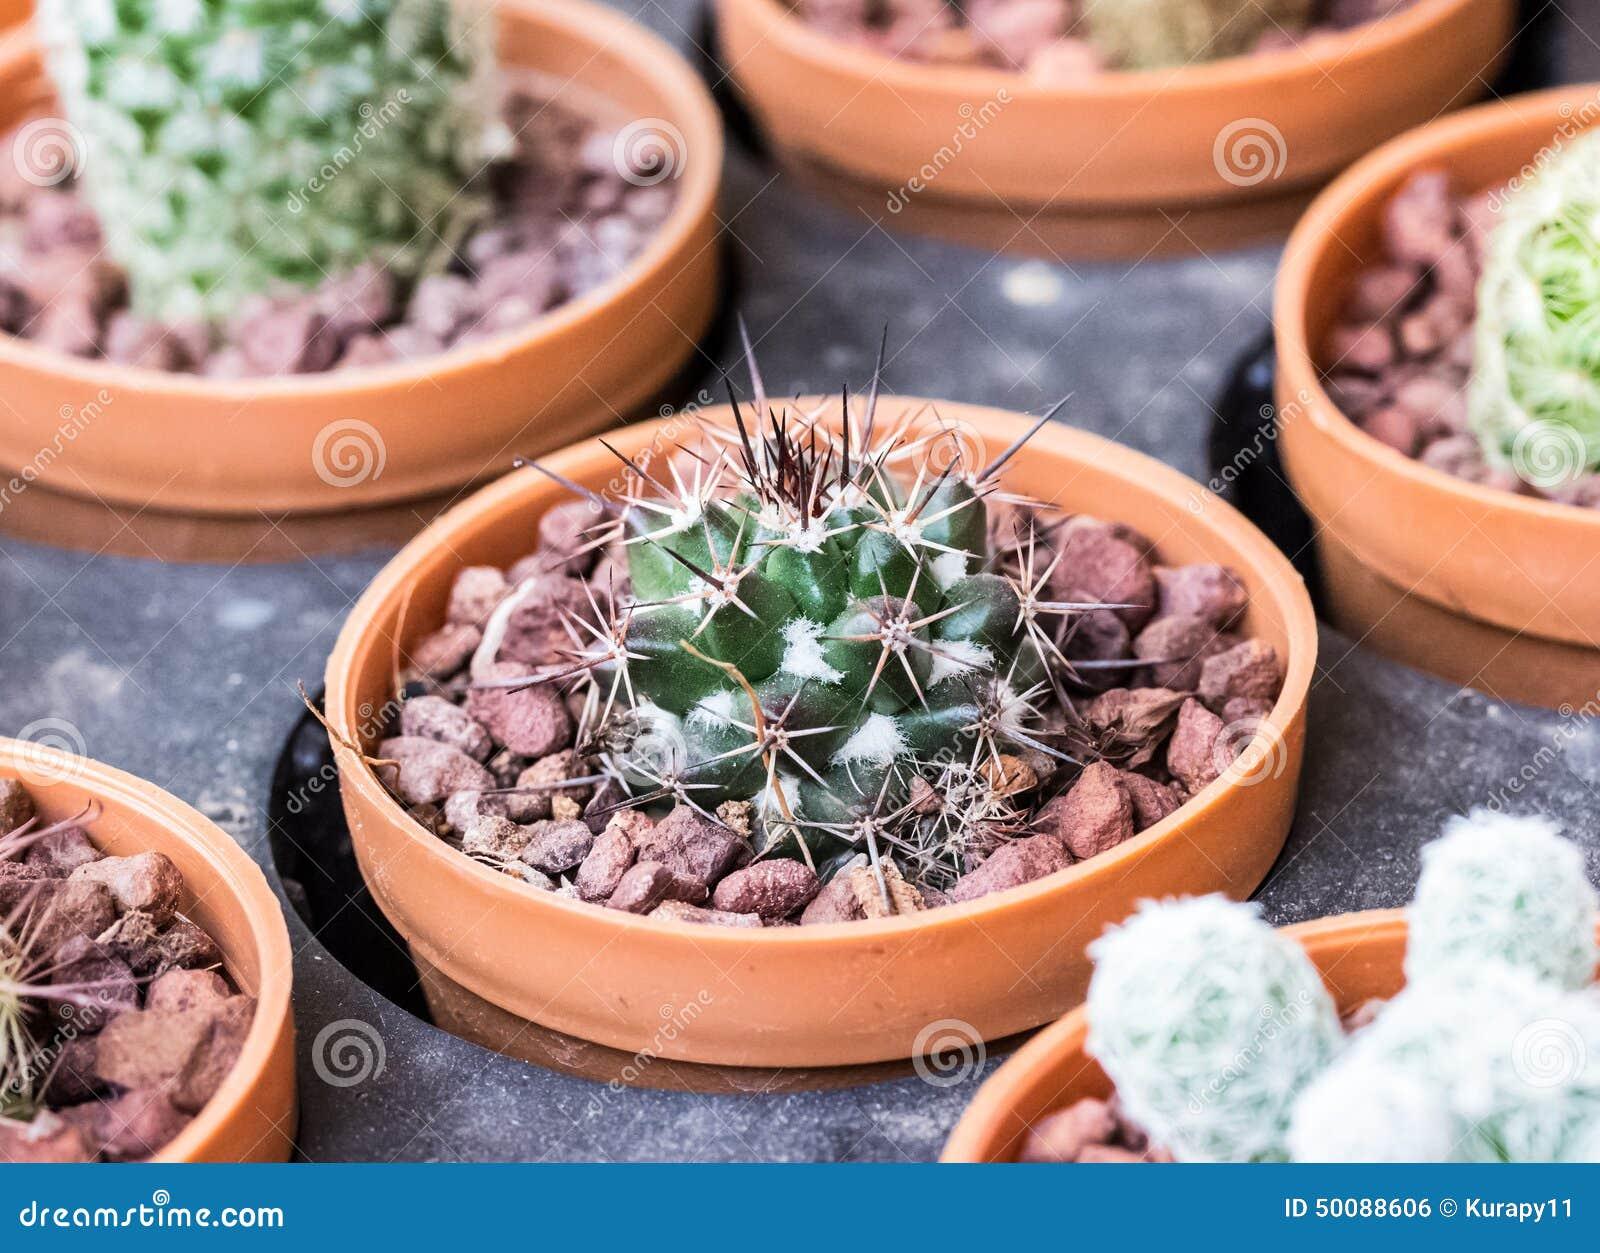 kleine verschiedene arten von kaktuspflanzen stockfoto bild von grow eingemacht 50088606. Black Bedroom Furniture Sets. Home Design Ideas